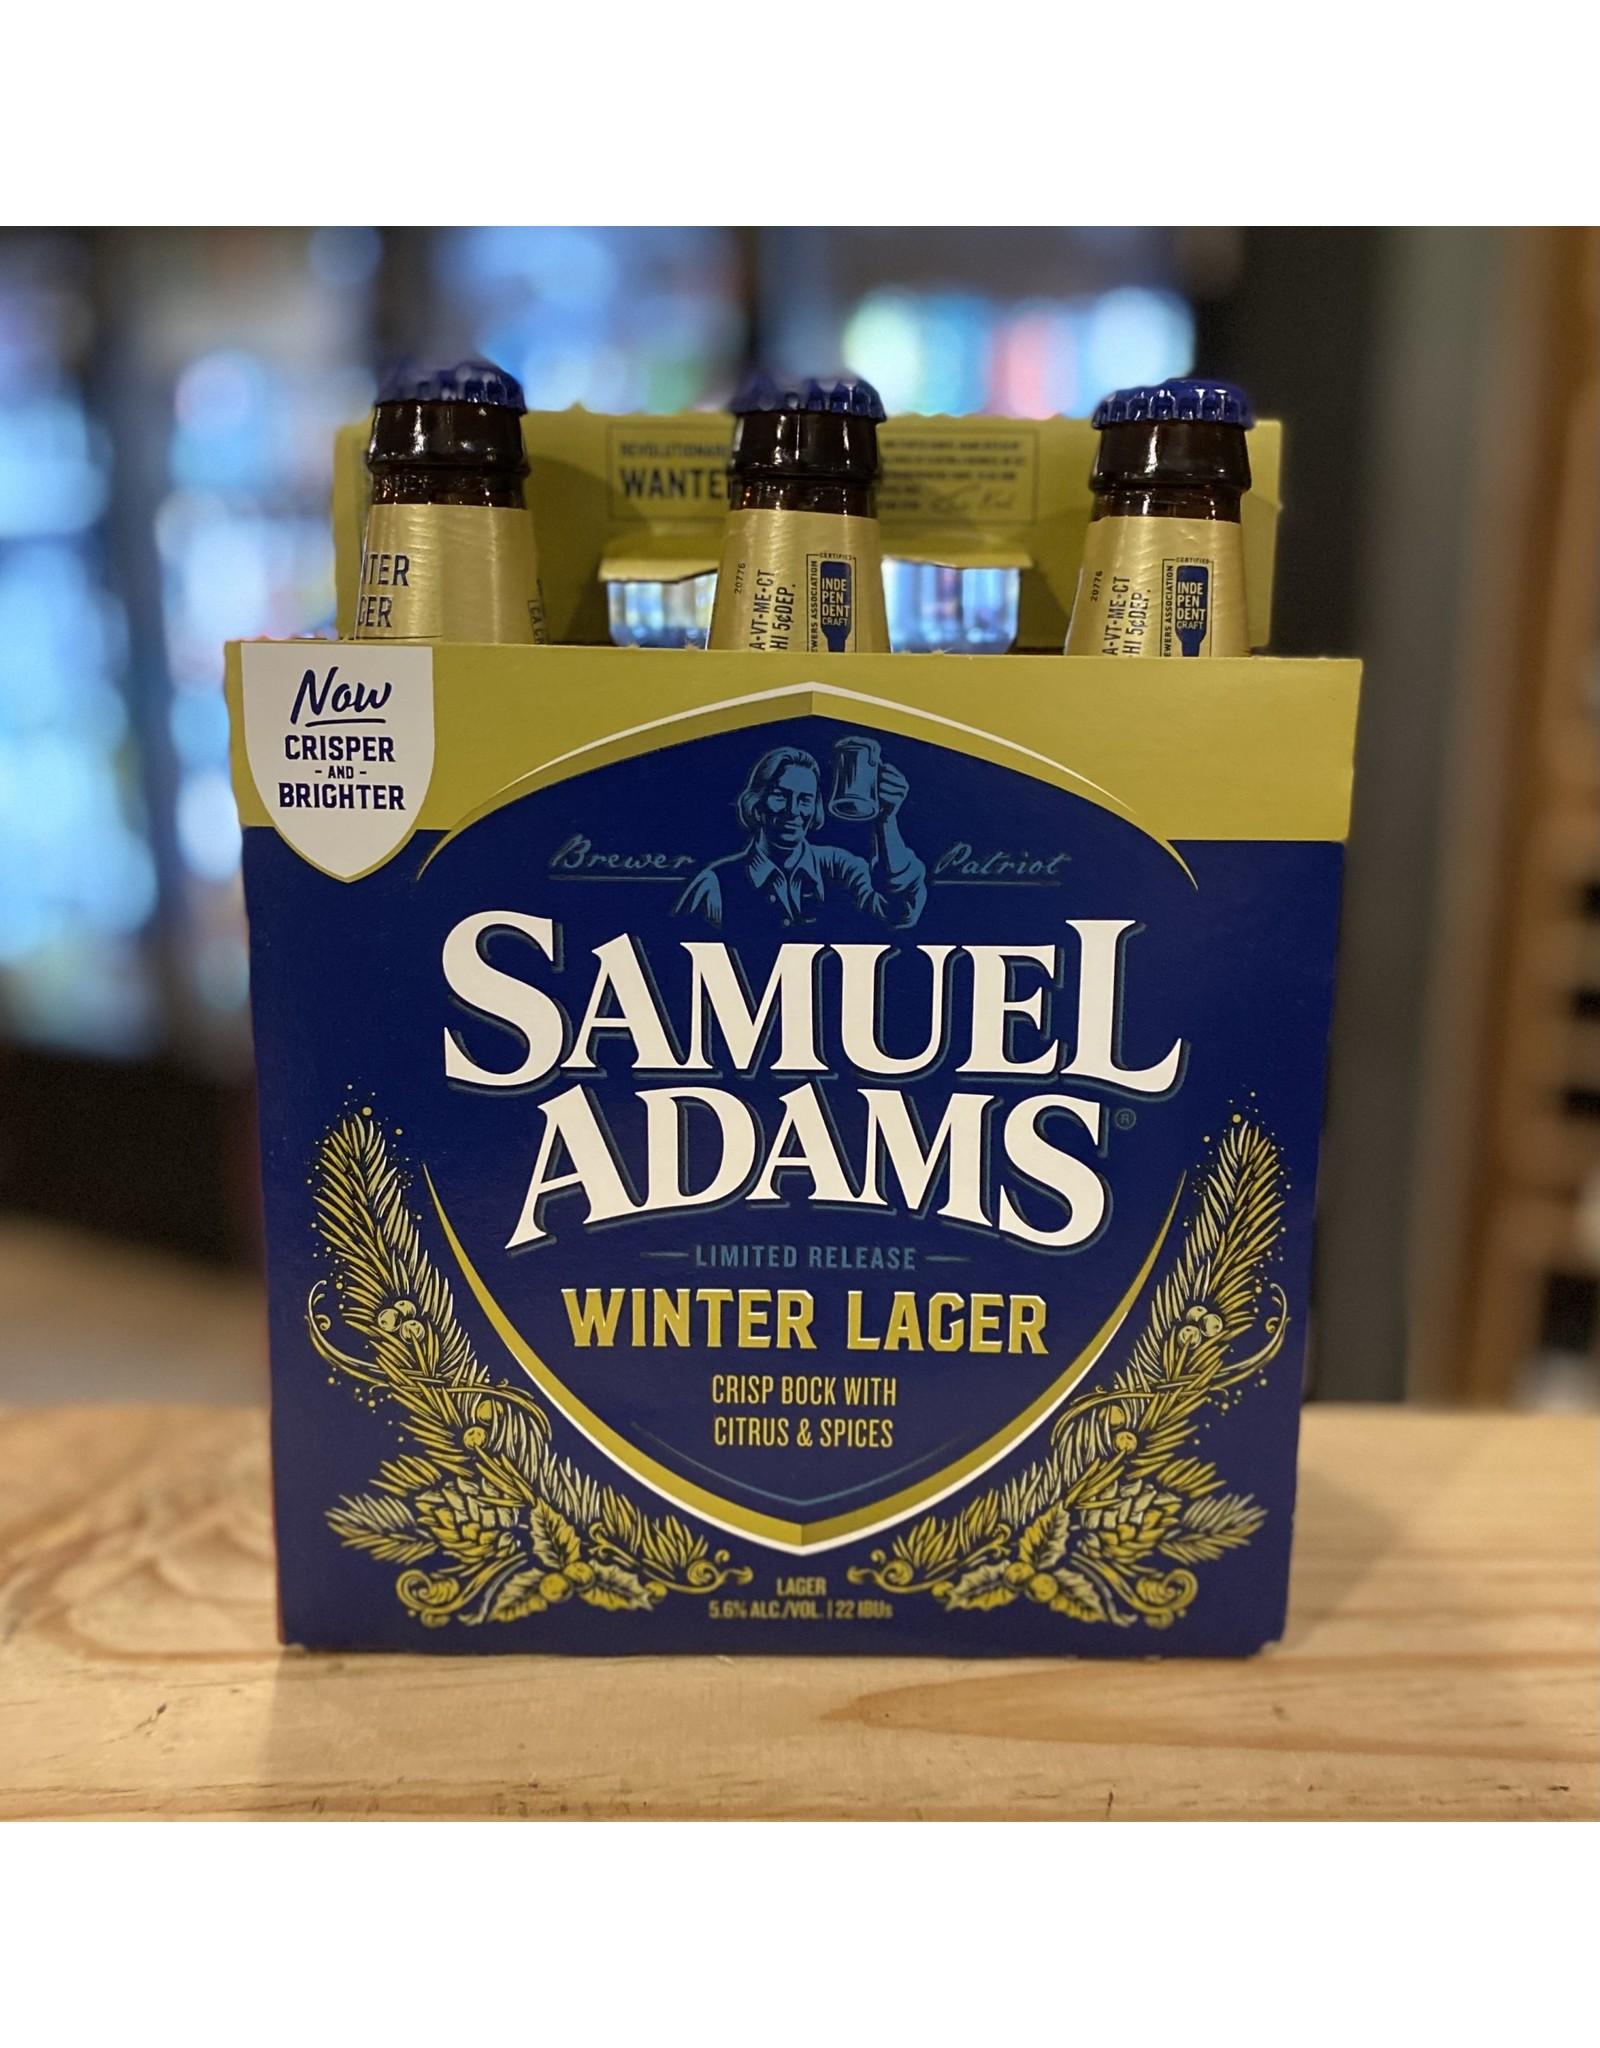 Lager Samuel Adams Winter Lager 6-Pack Bottles - Boston, MA